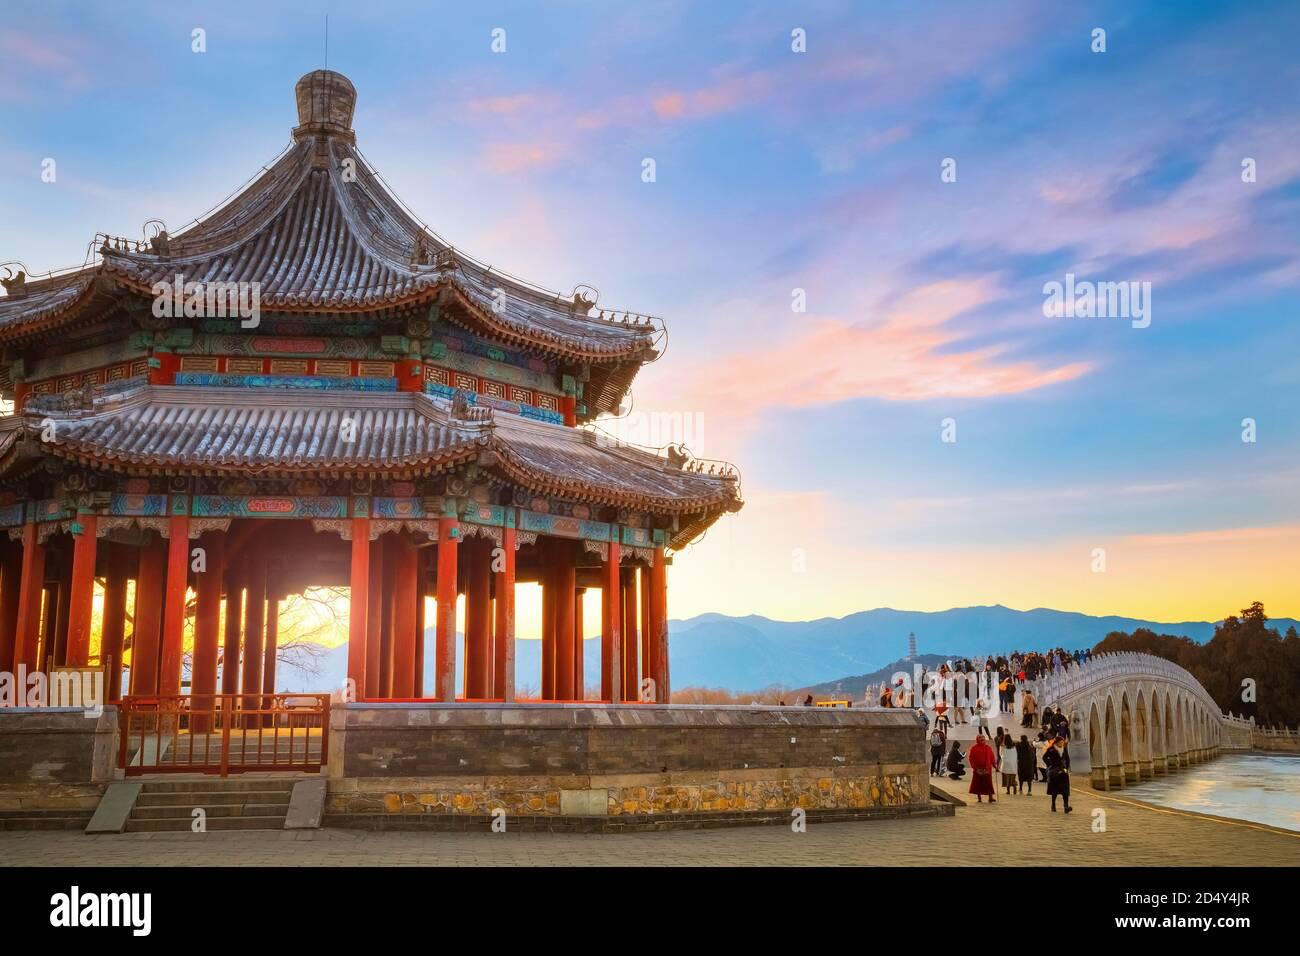 Beijing, Chine - Jan 13 2020: Pavillon Kuoru au Palais d'été, situé au milieu du barrage est à l'est du pont de l'arche 17 qui relie à Banque D'Images